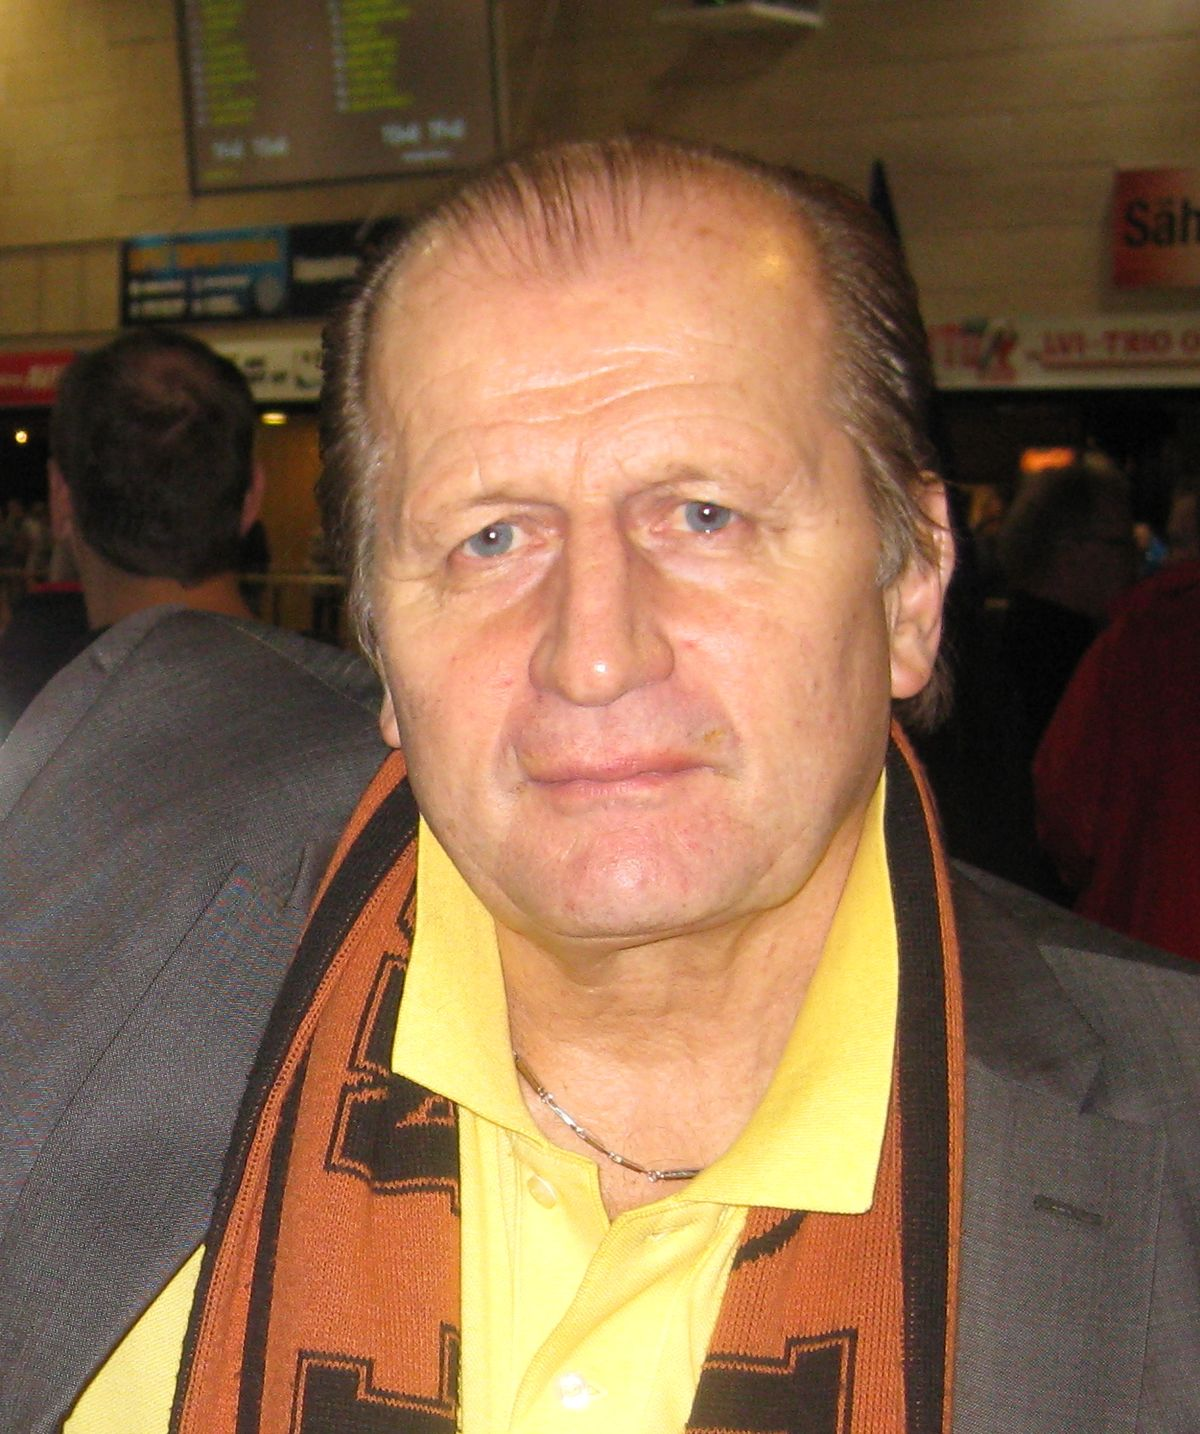 Juhani Tamminen